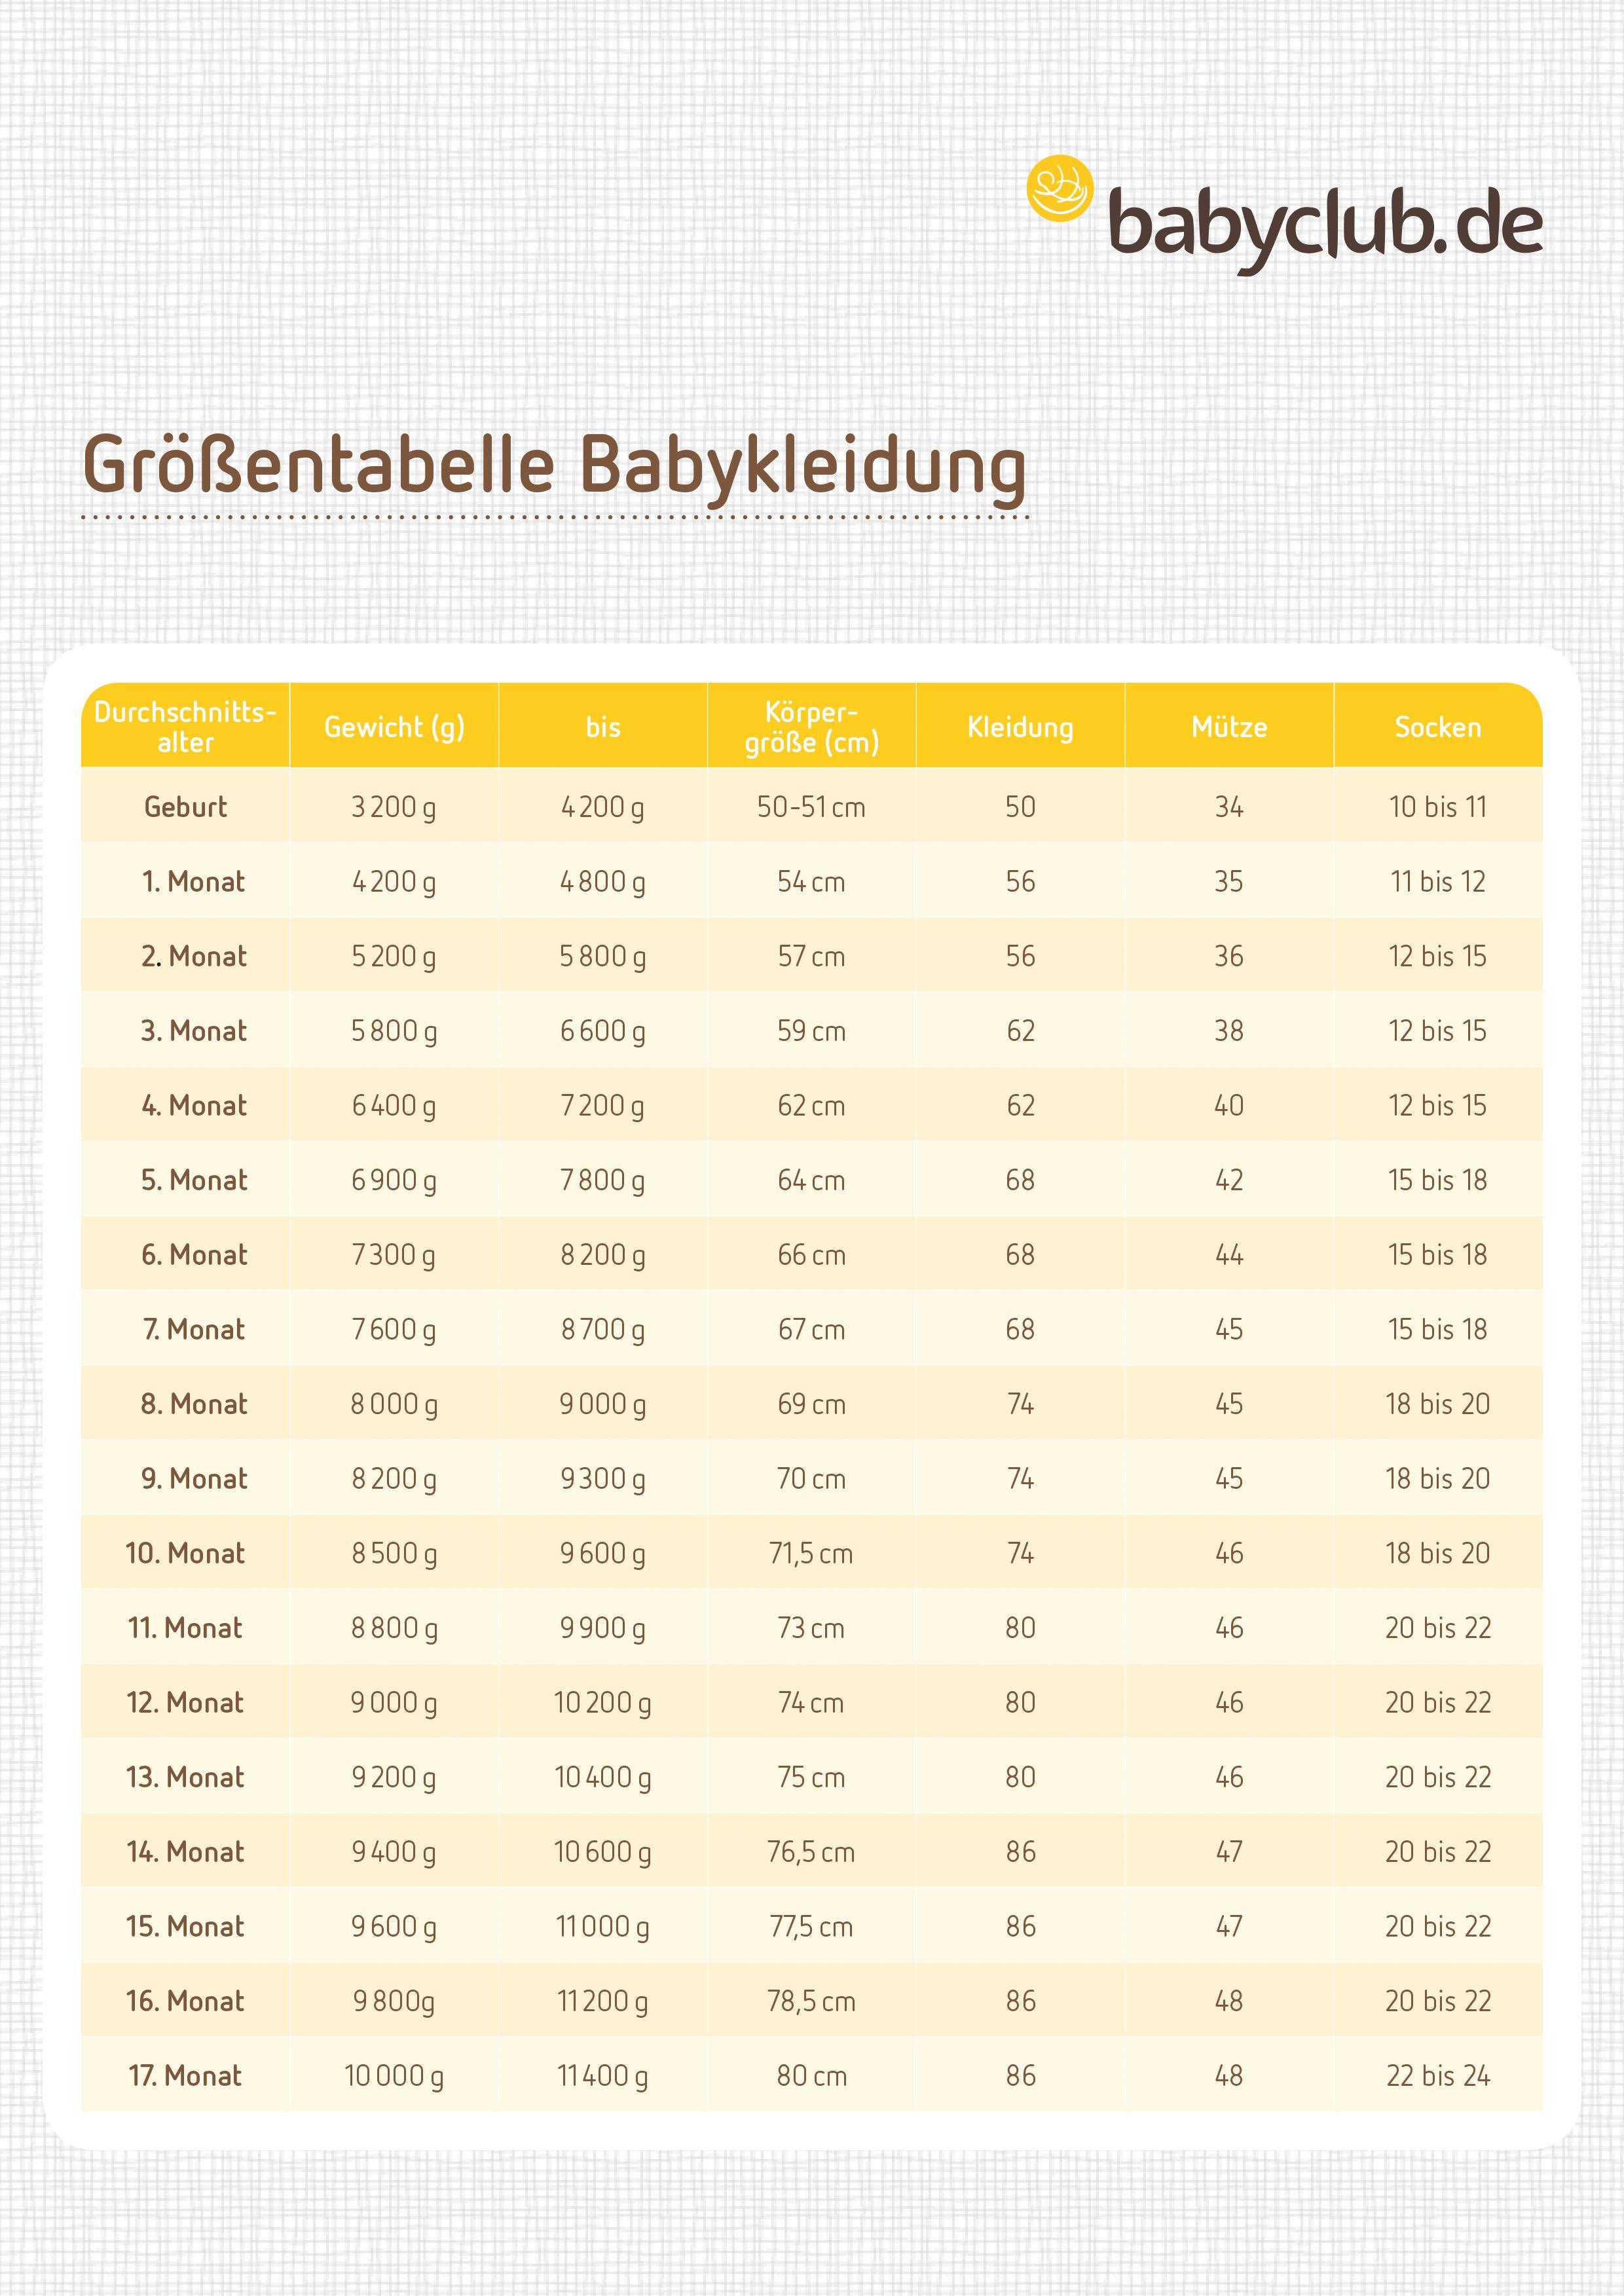 größentabelle | kindergrößen damit die babykleidung richtig